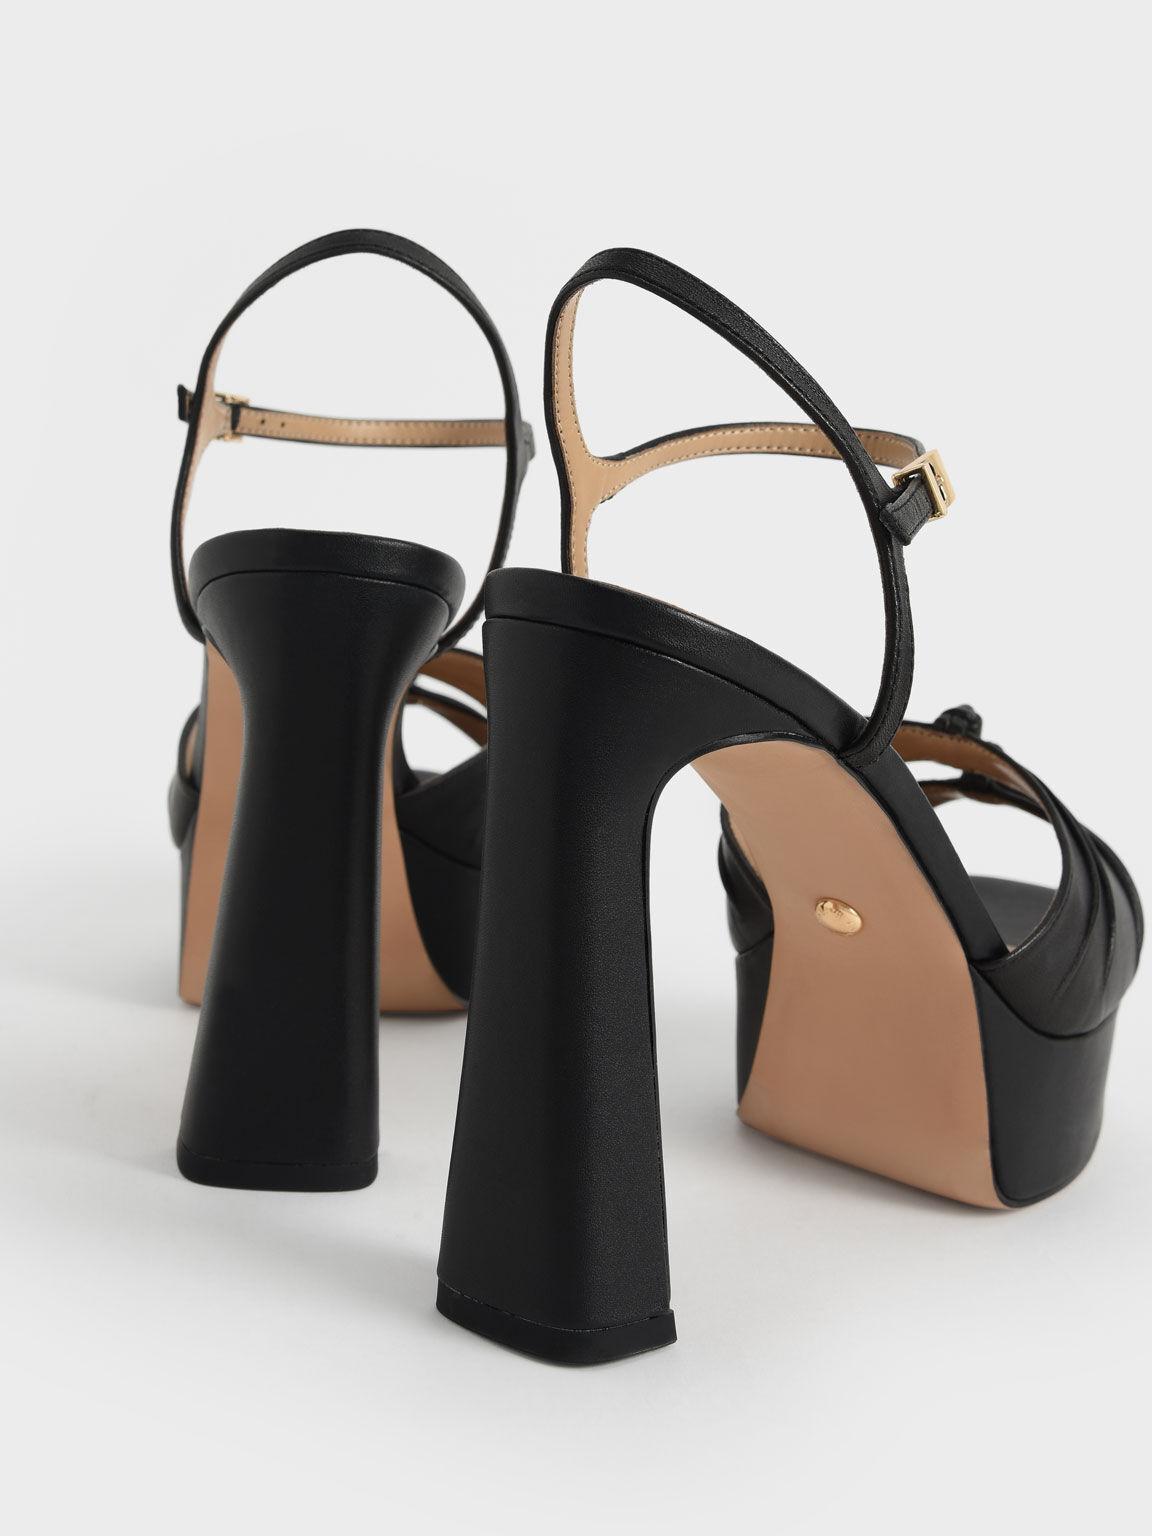 Leather Knot Detail Platform Sandals, Black, hi-res